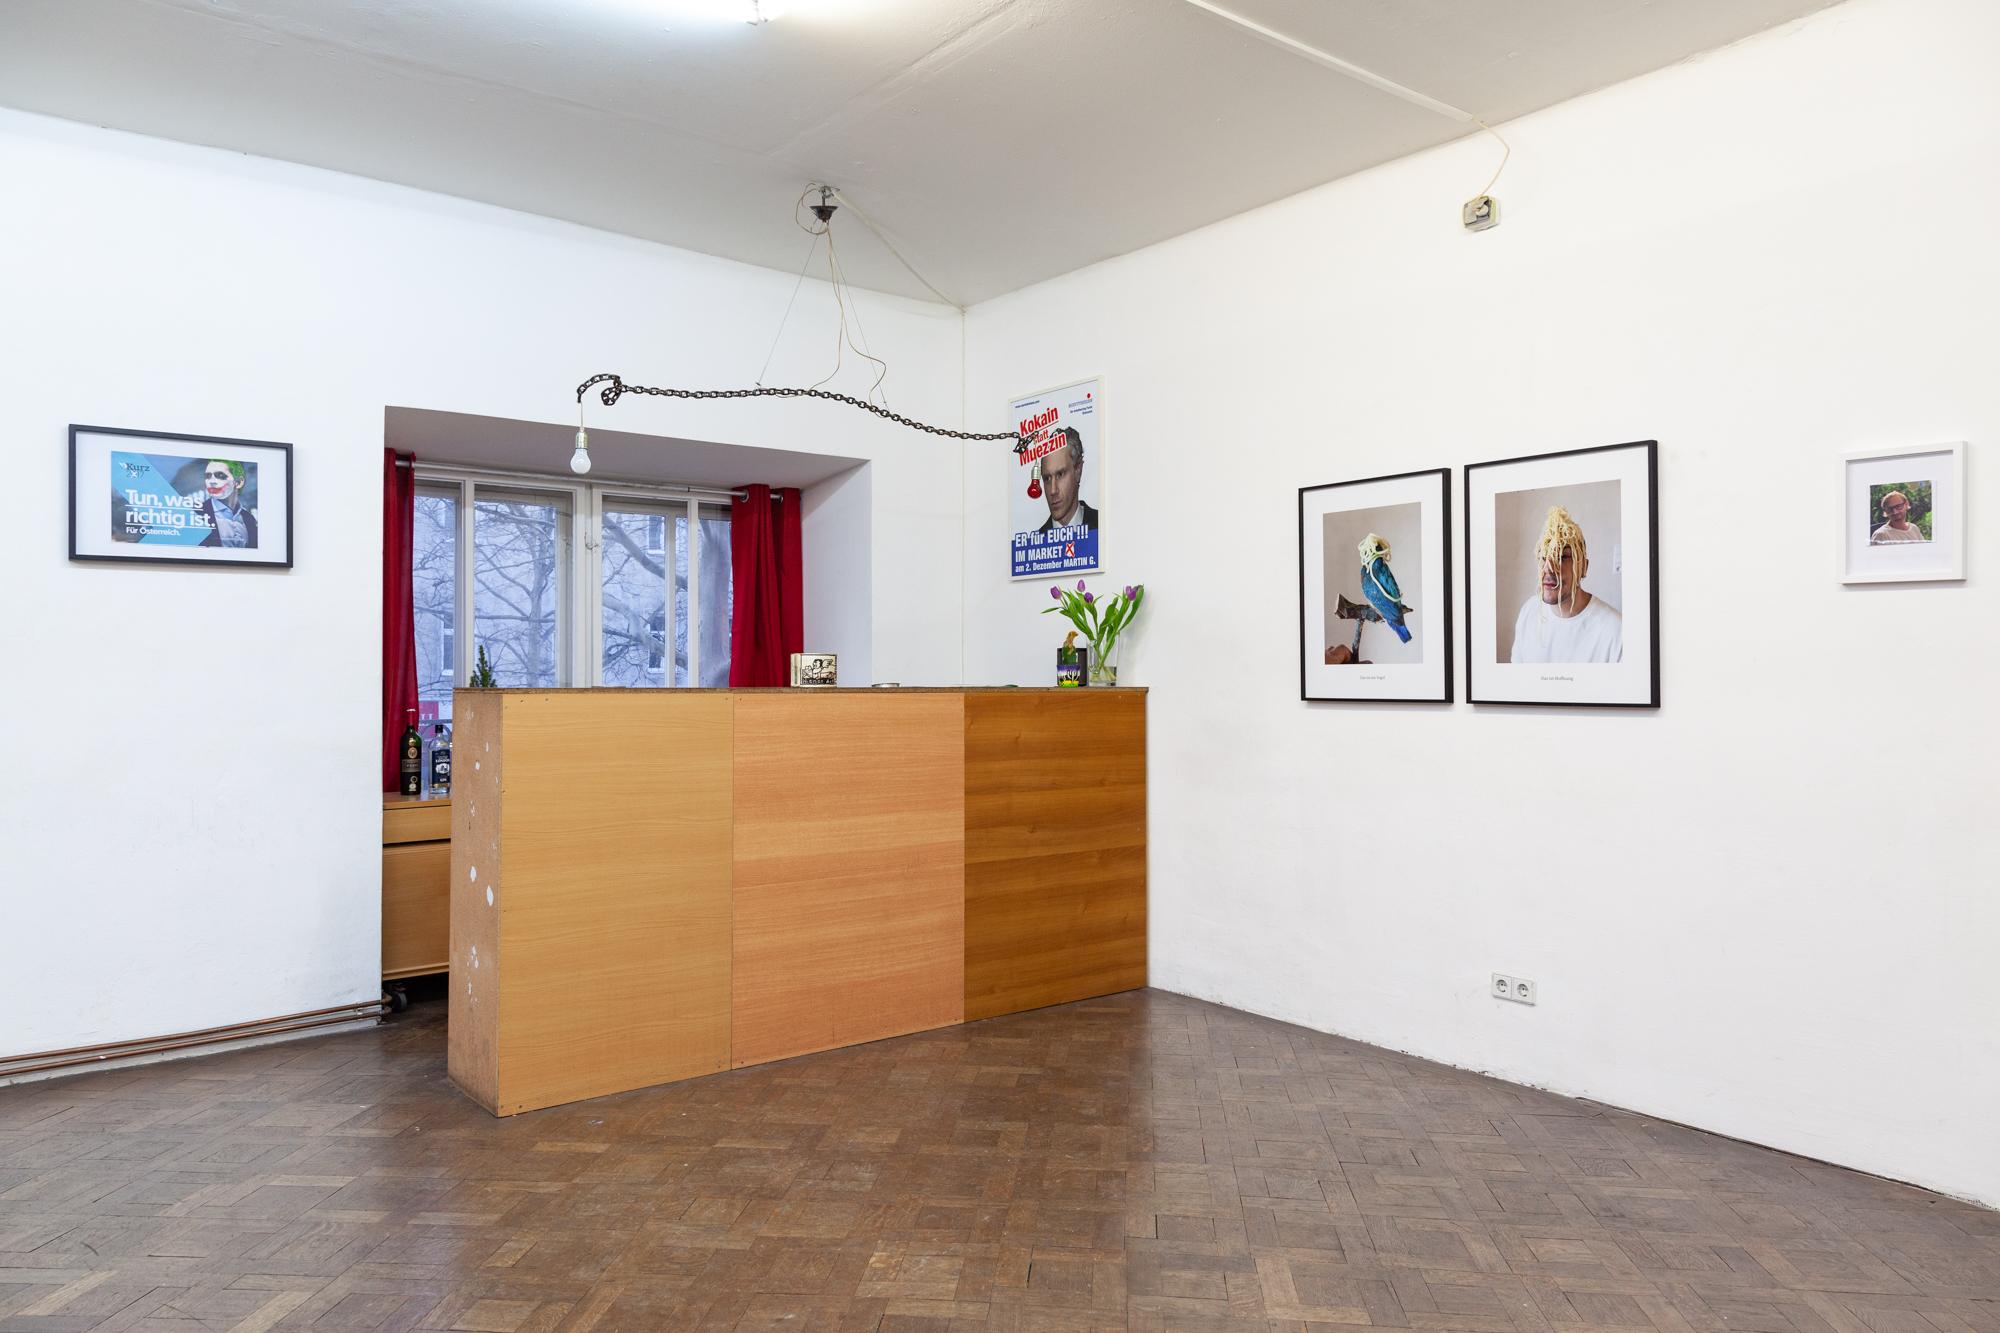 Installationsanischt: Martin Grandits und Erwin Wurm